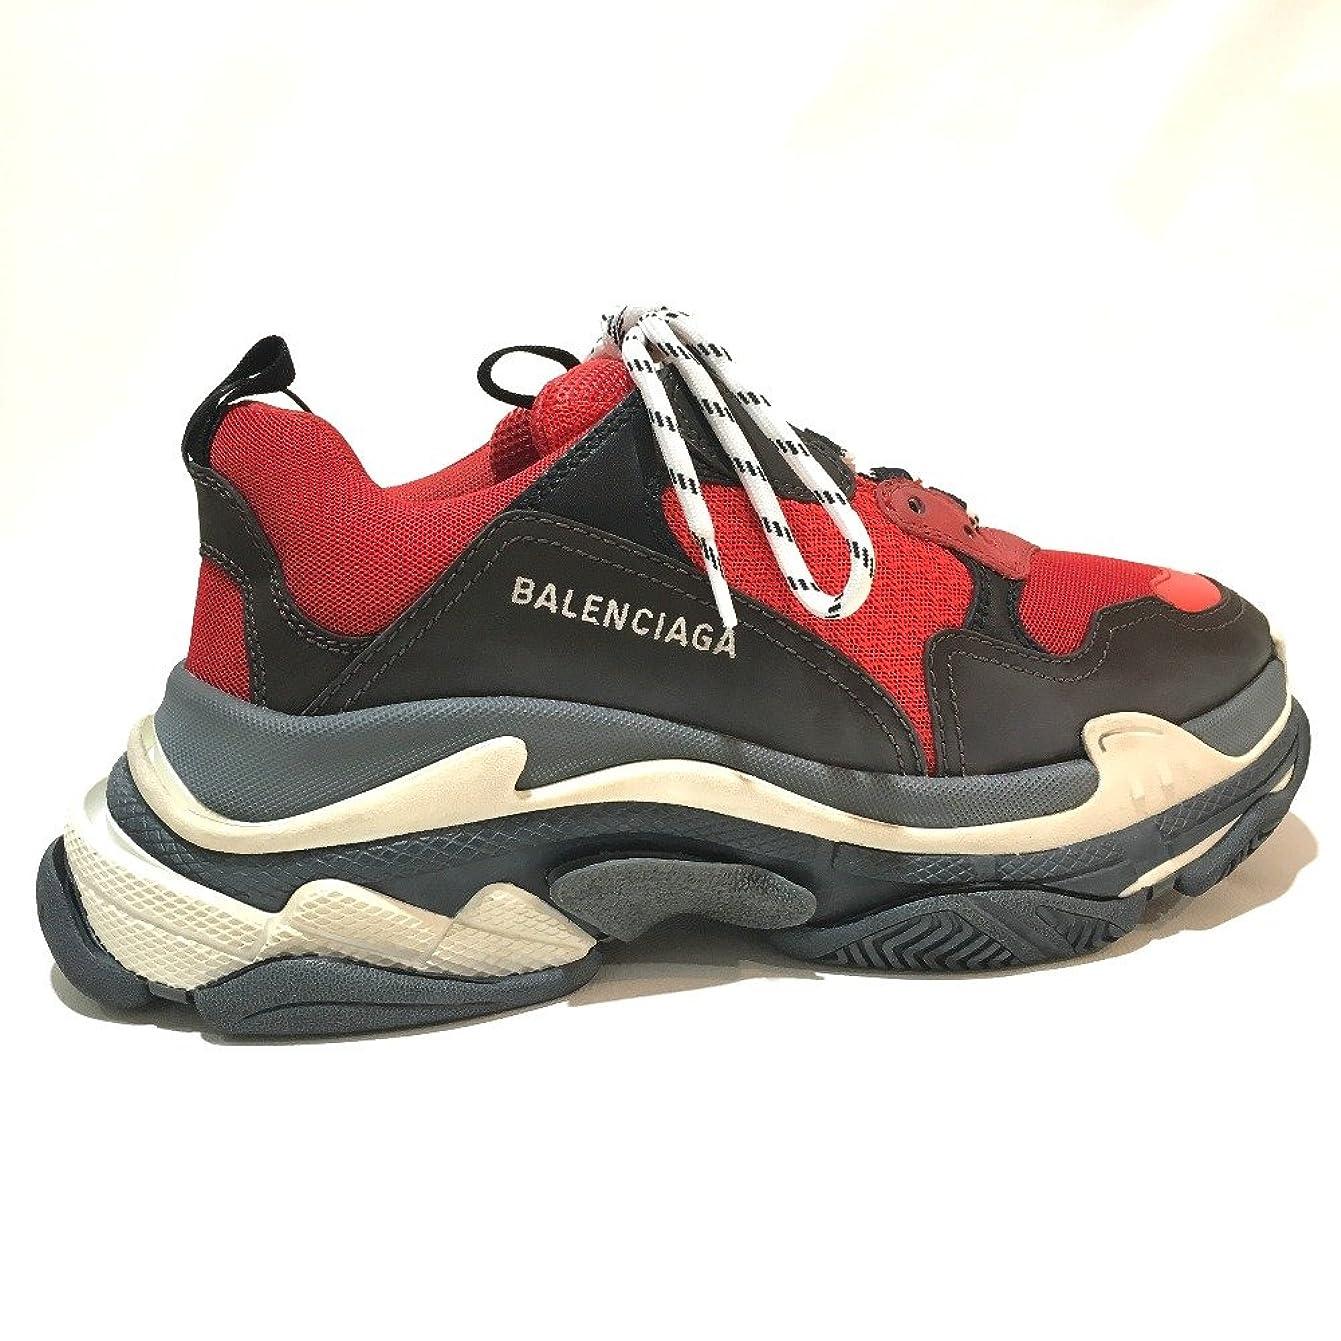 スクラップ規範行進(バレンシアガ) BALENCIAGA 516440 Triple S shoes ユースド加工 メンズシューズ 靴 トリプルS トレーナー 2018ss スニーカー メンズ 未使用 中古